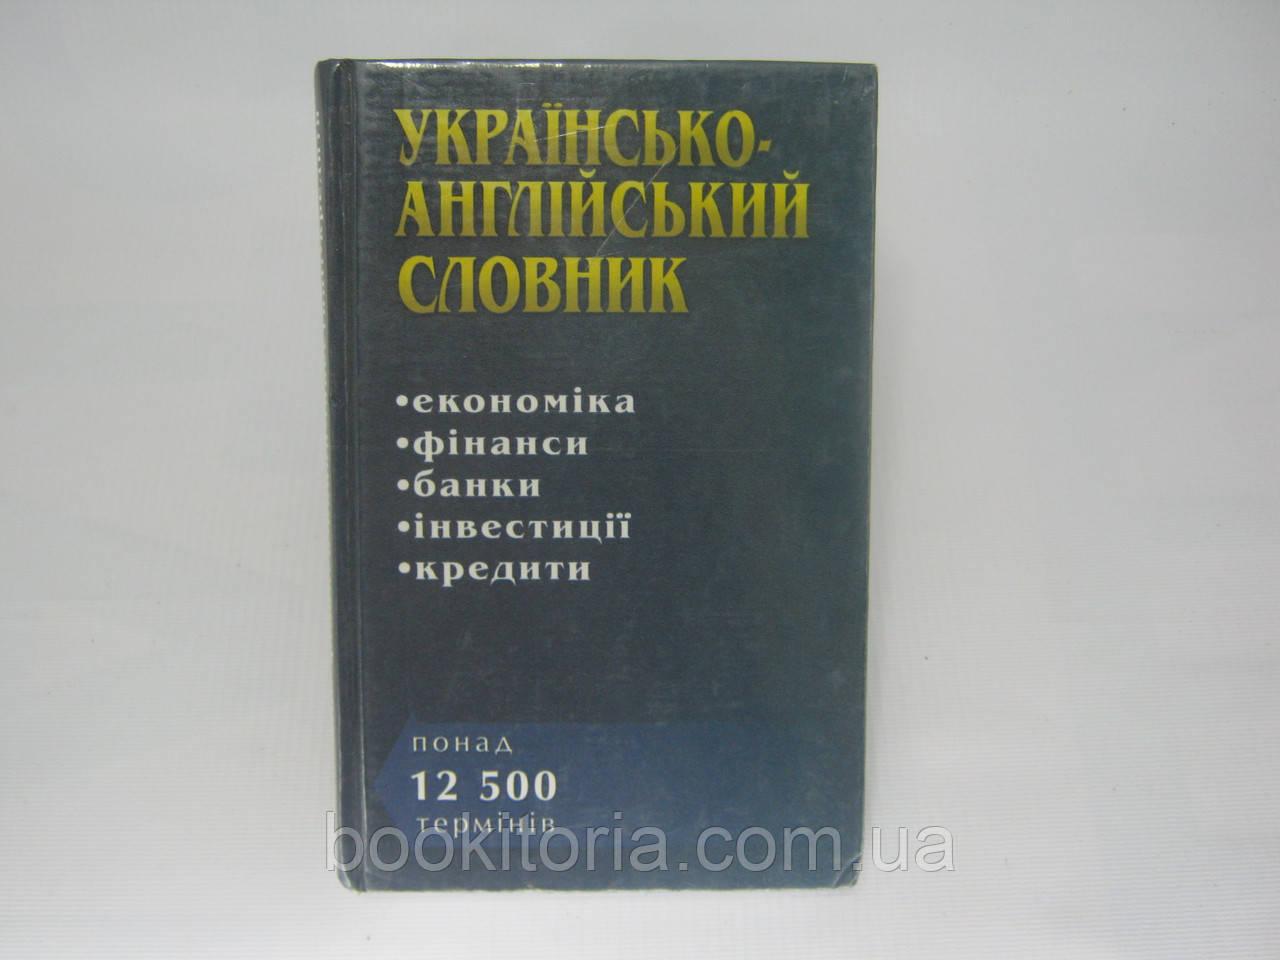 Українсько-англійський словник. Економіка. Фінанси. Банки. Інвестиції. Кредити (б/у).